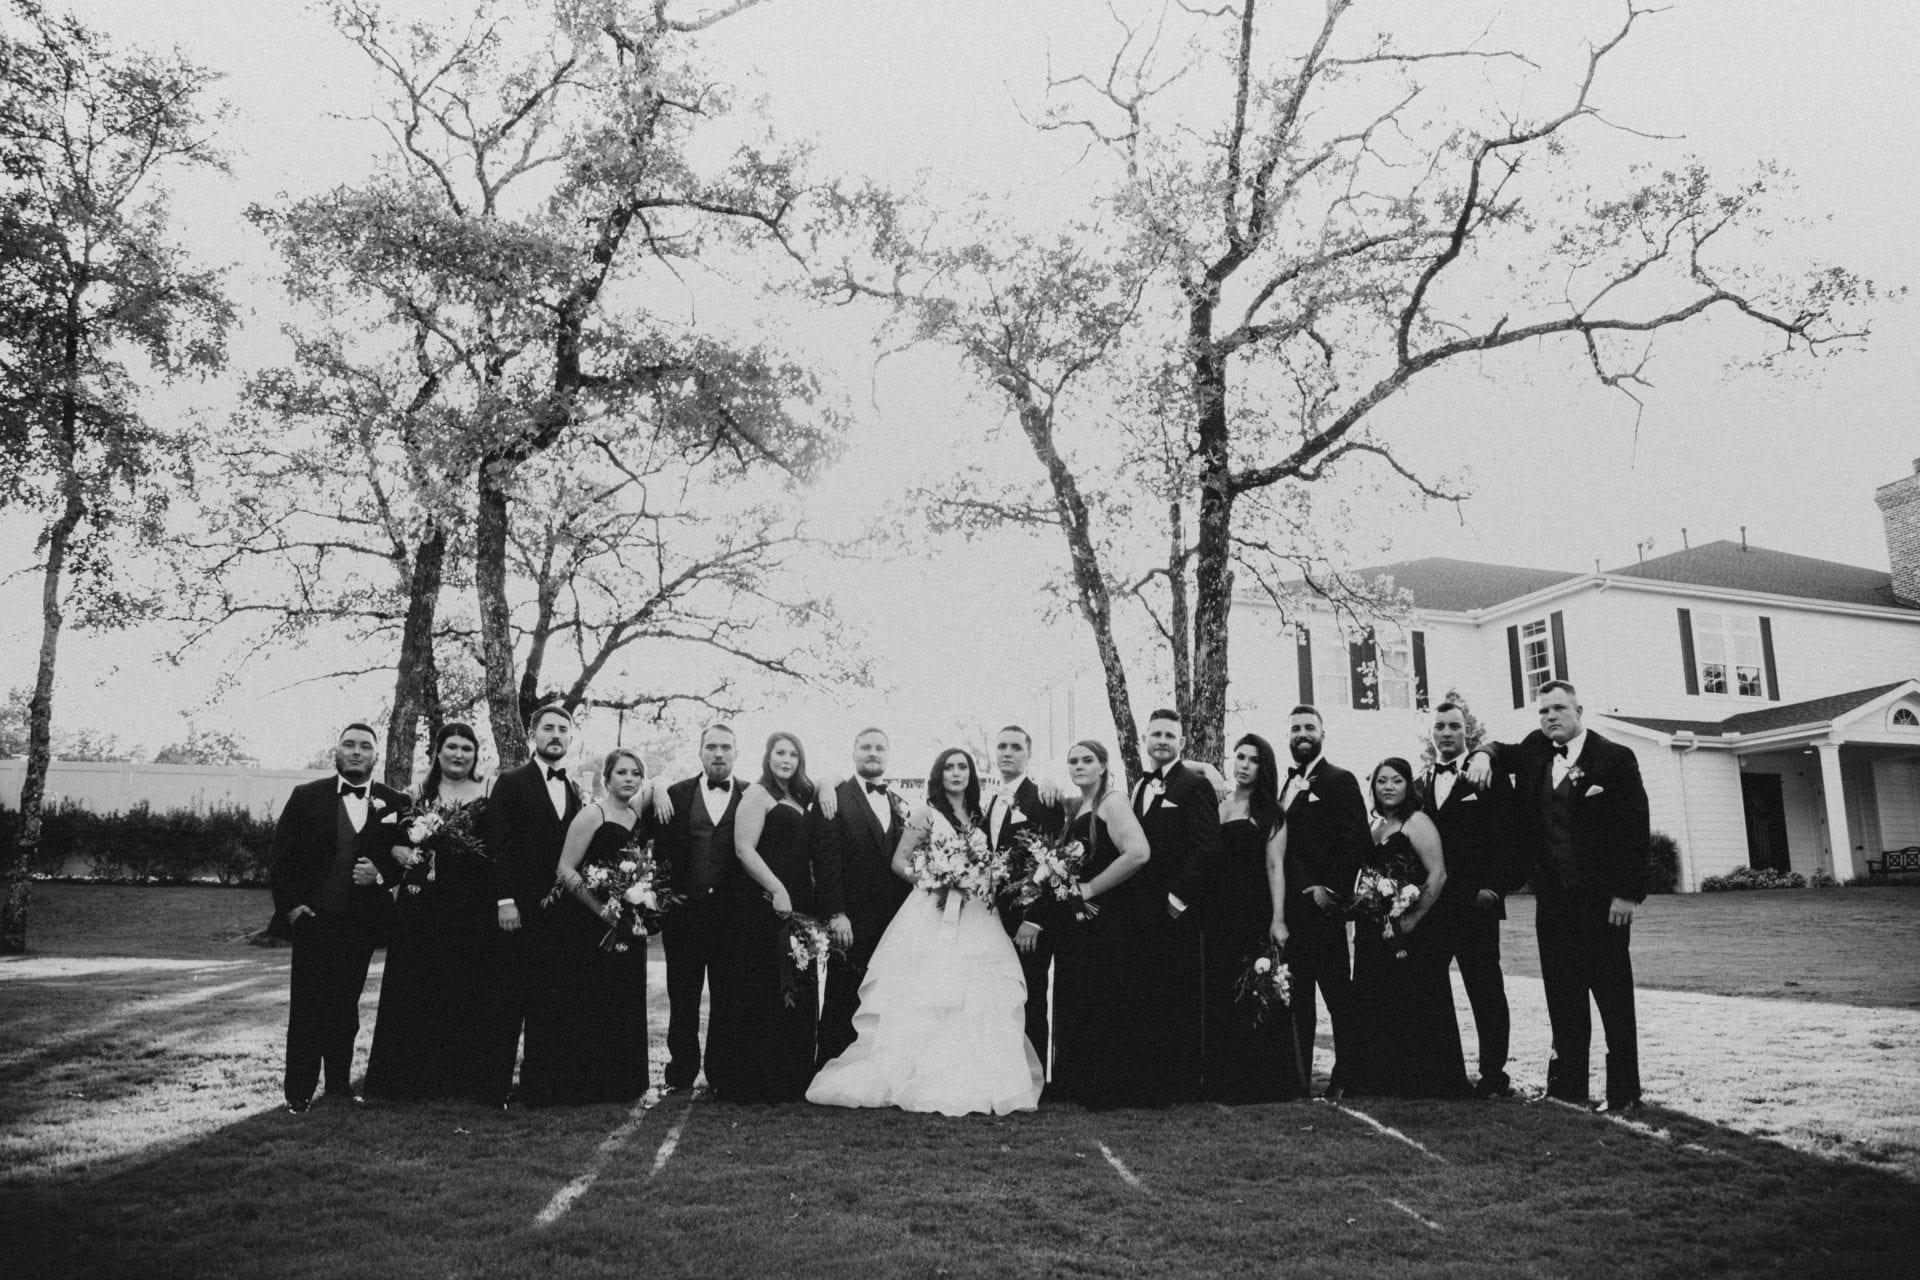 tsphoto cabell wedding 263 - Premier W.E.D.